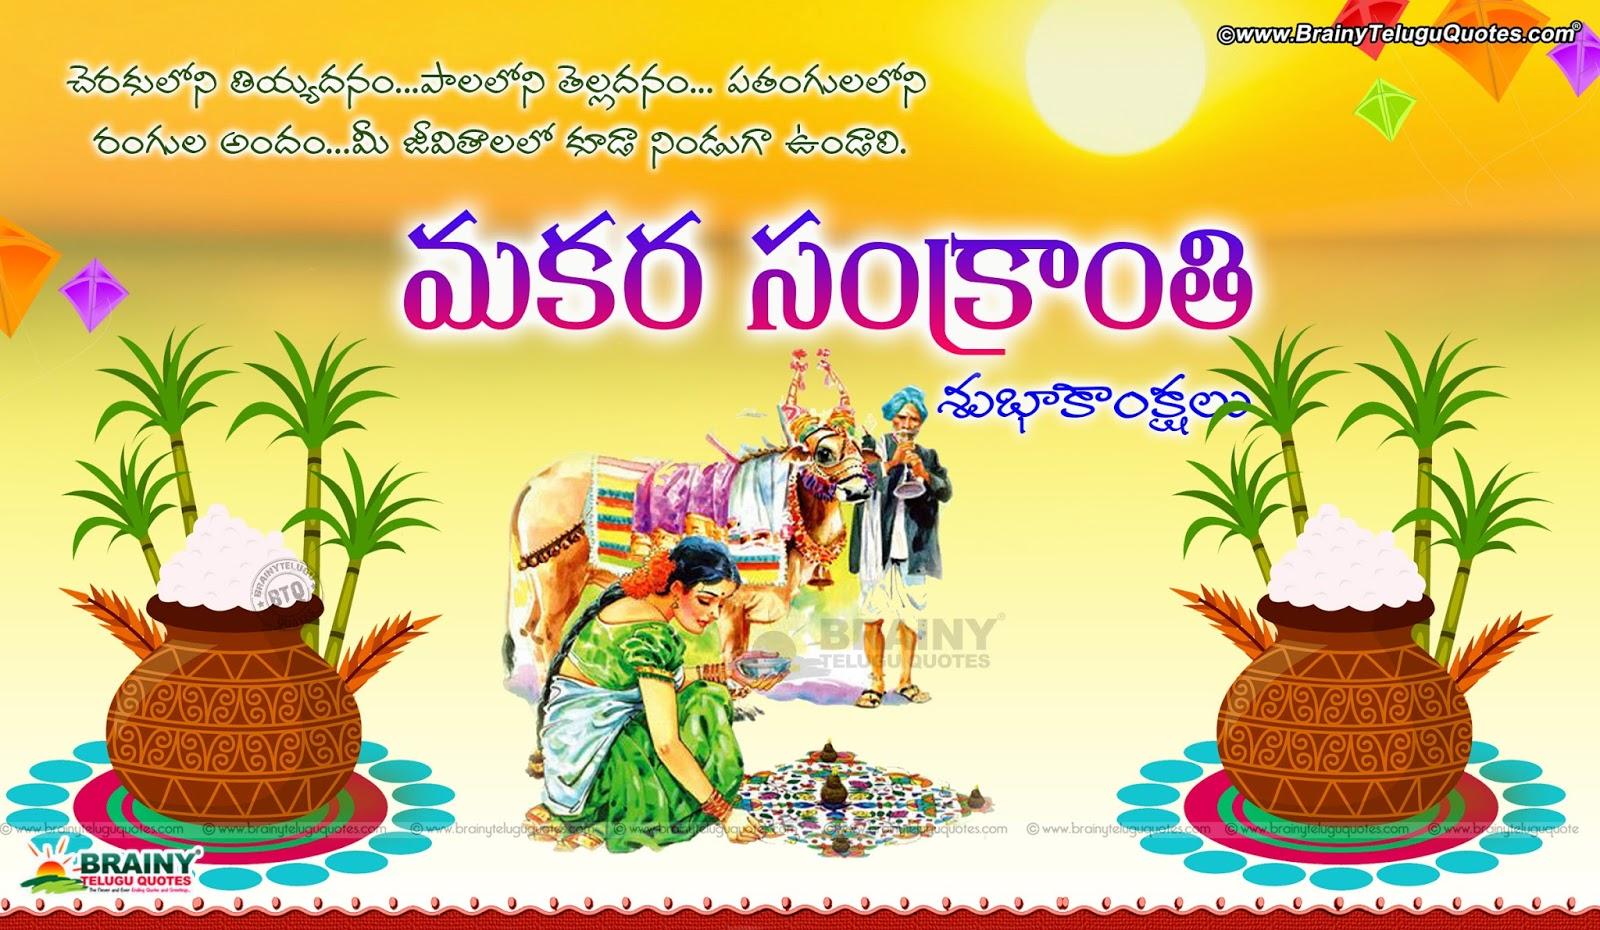 Telugu sankranti pongal quotations greetings messages wishes with sankranthi telugu images pongal quotes in telugu with pot telugu sankranthi greetings free m4hsunfo